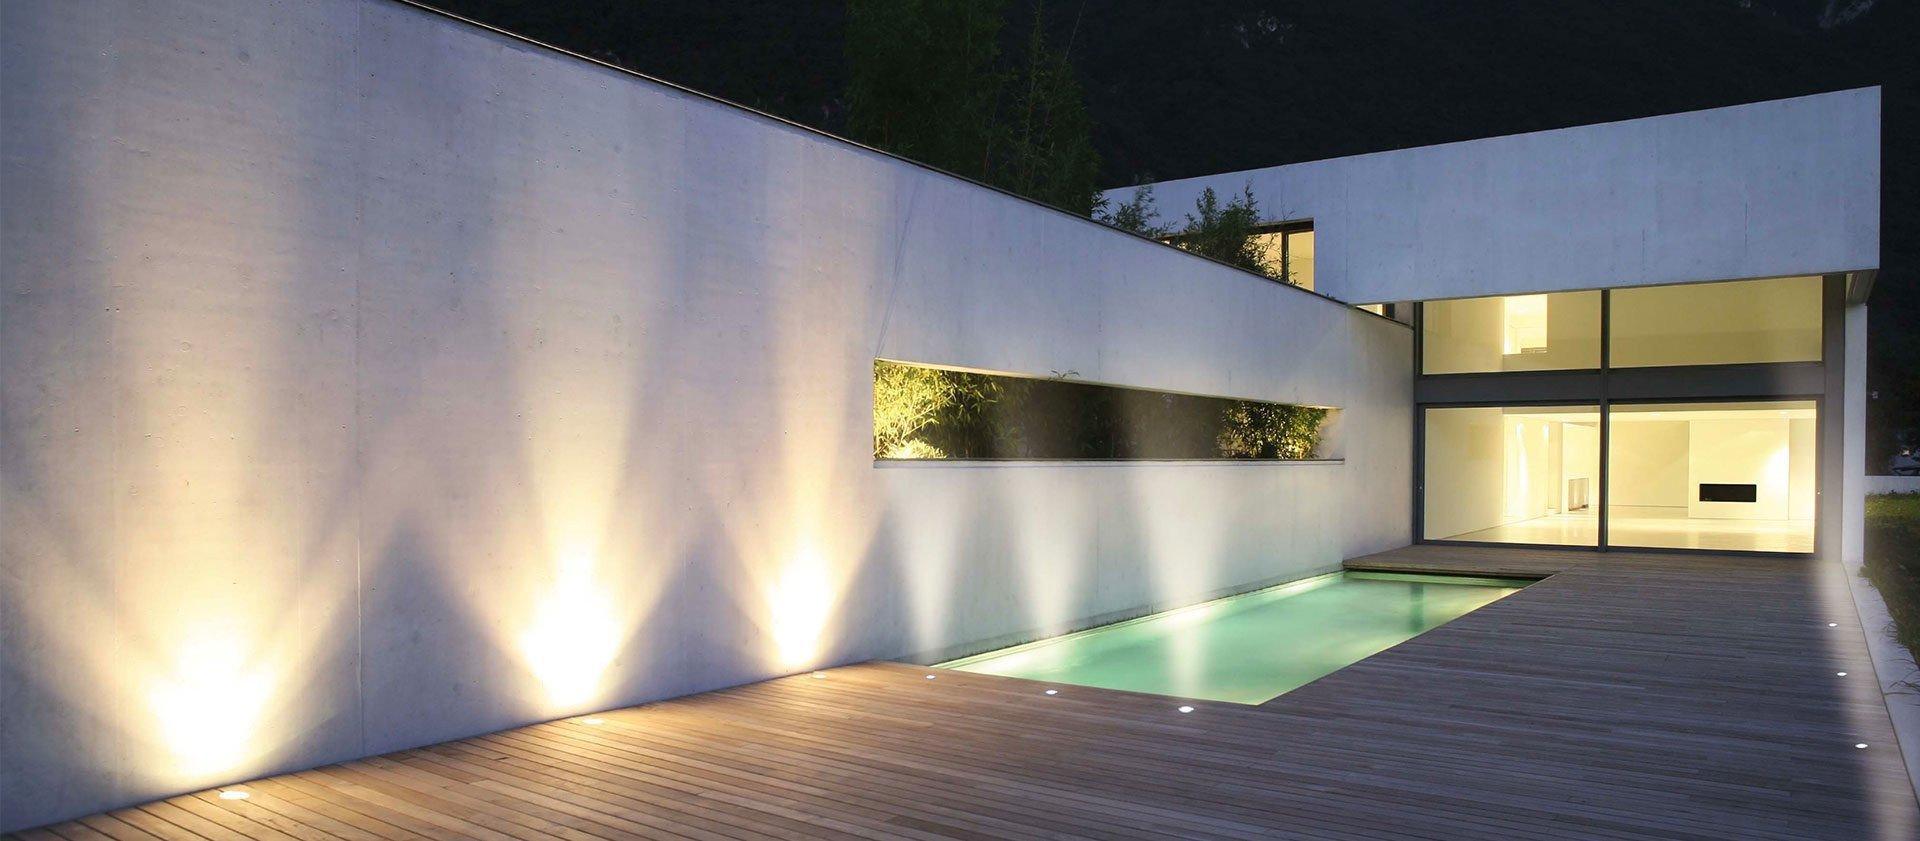 Quel Est Le Meilleur Bois Pour Terrasse spots pour terrasse bois composite - fiberdeck